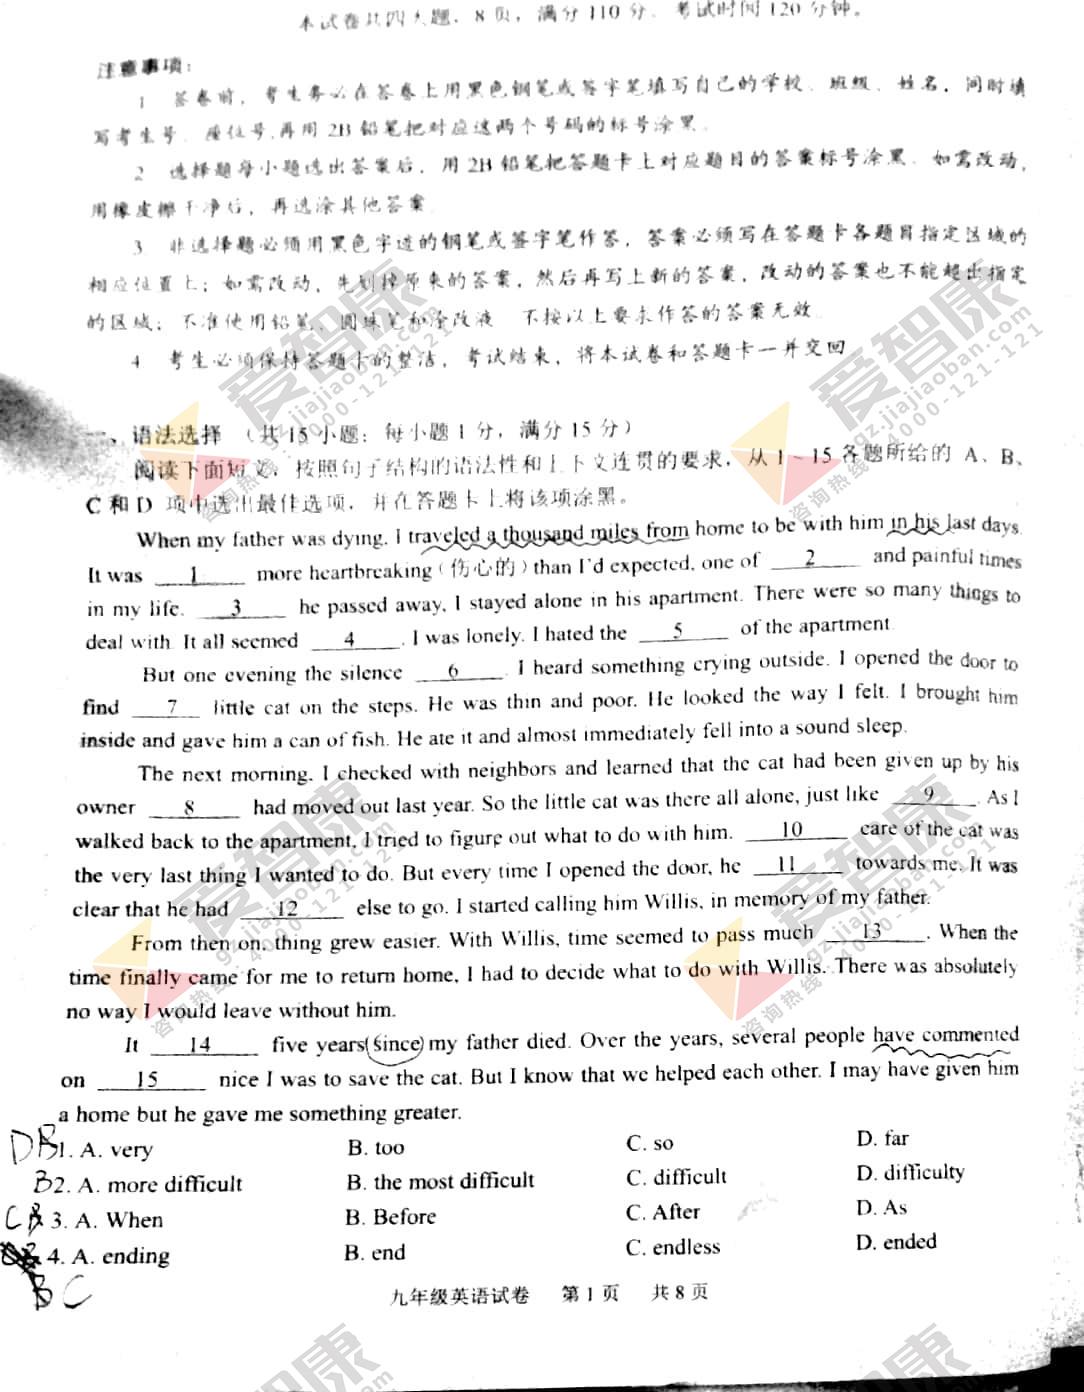 2017-2018学年广州黄埔区初三上学期期末英语试卷及答案解析